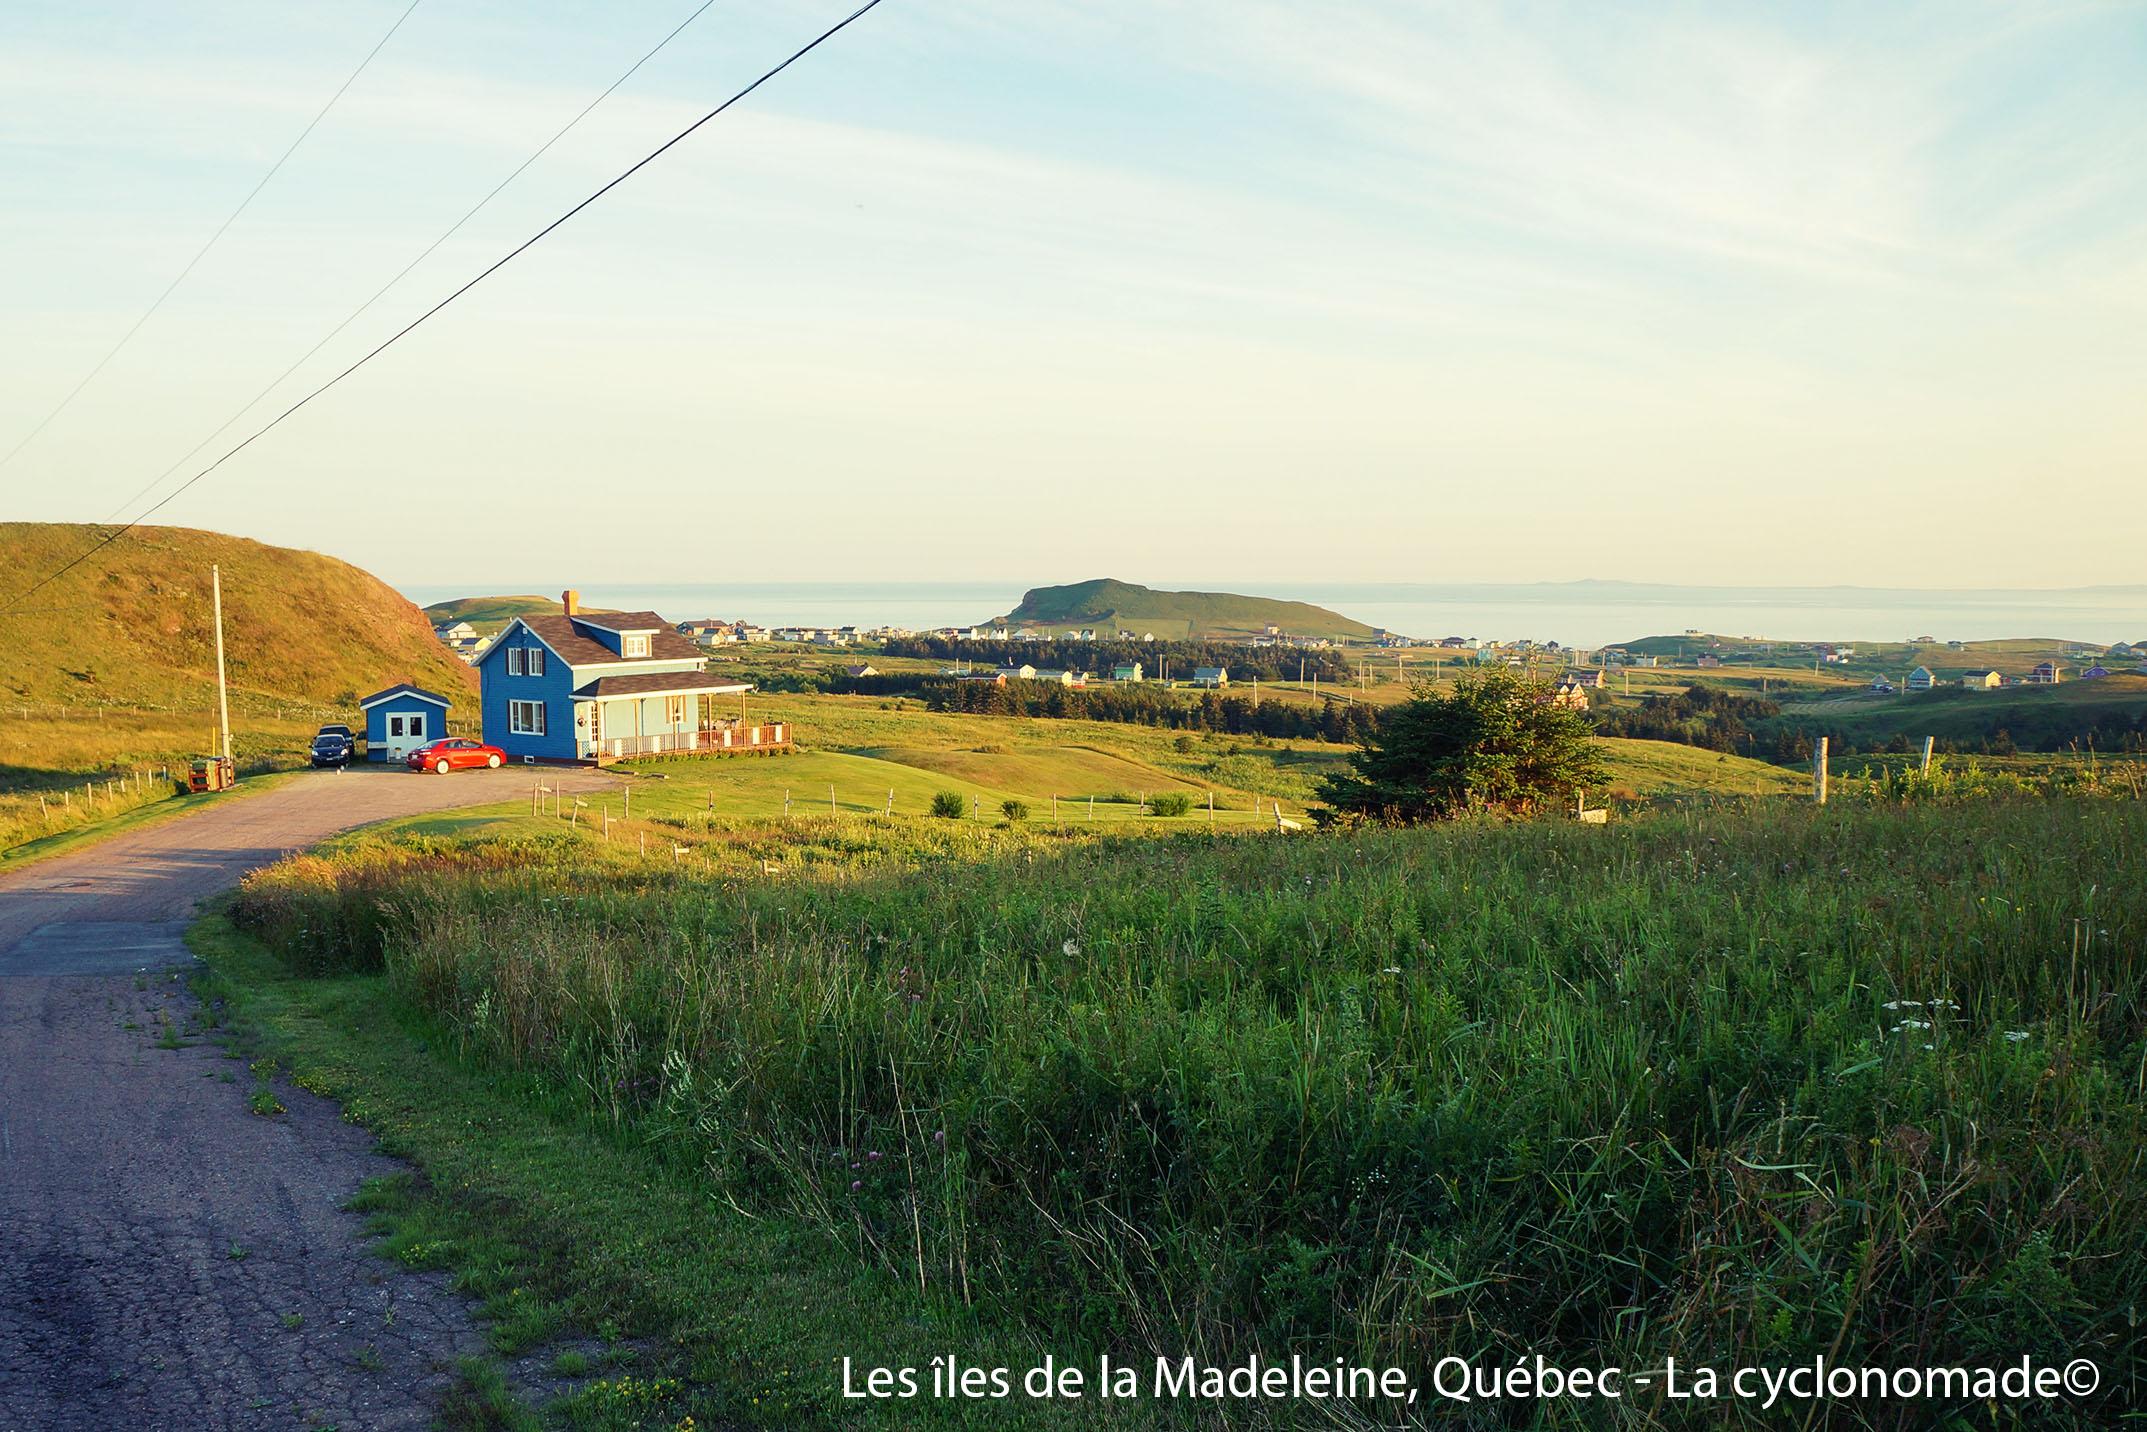 Havre aux maisons